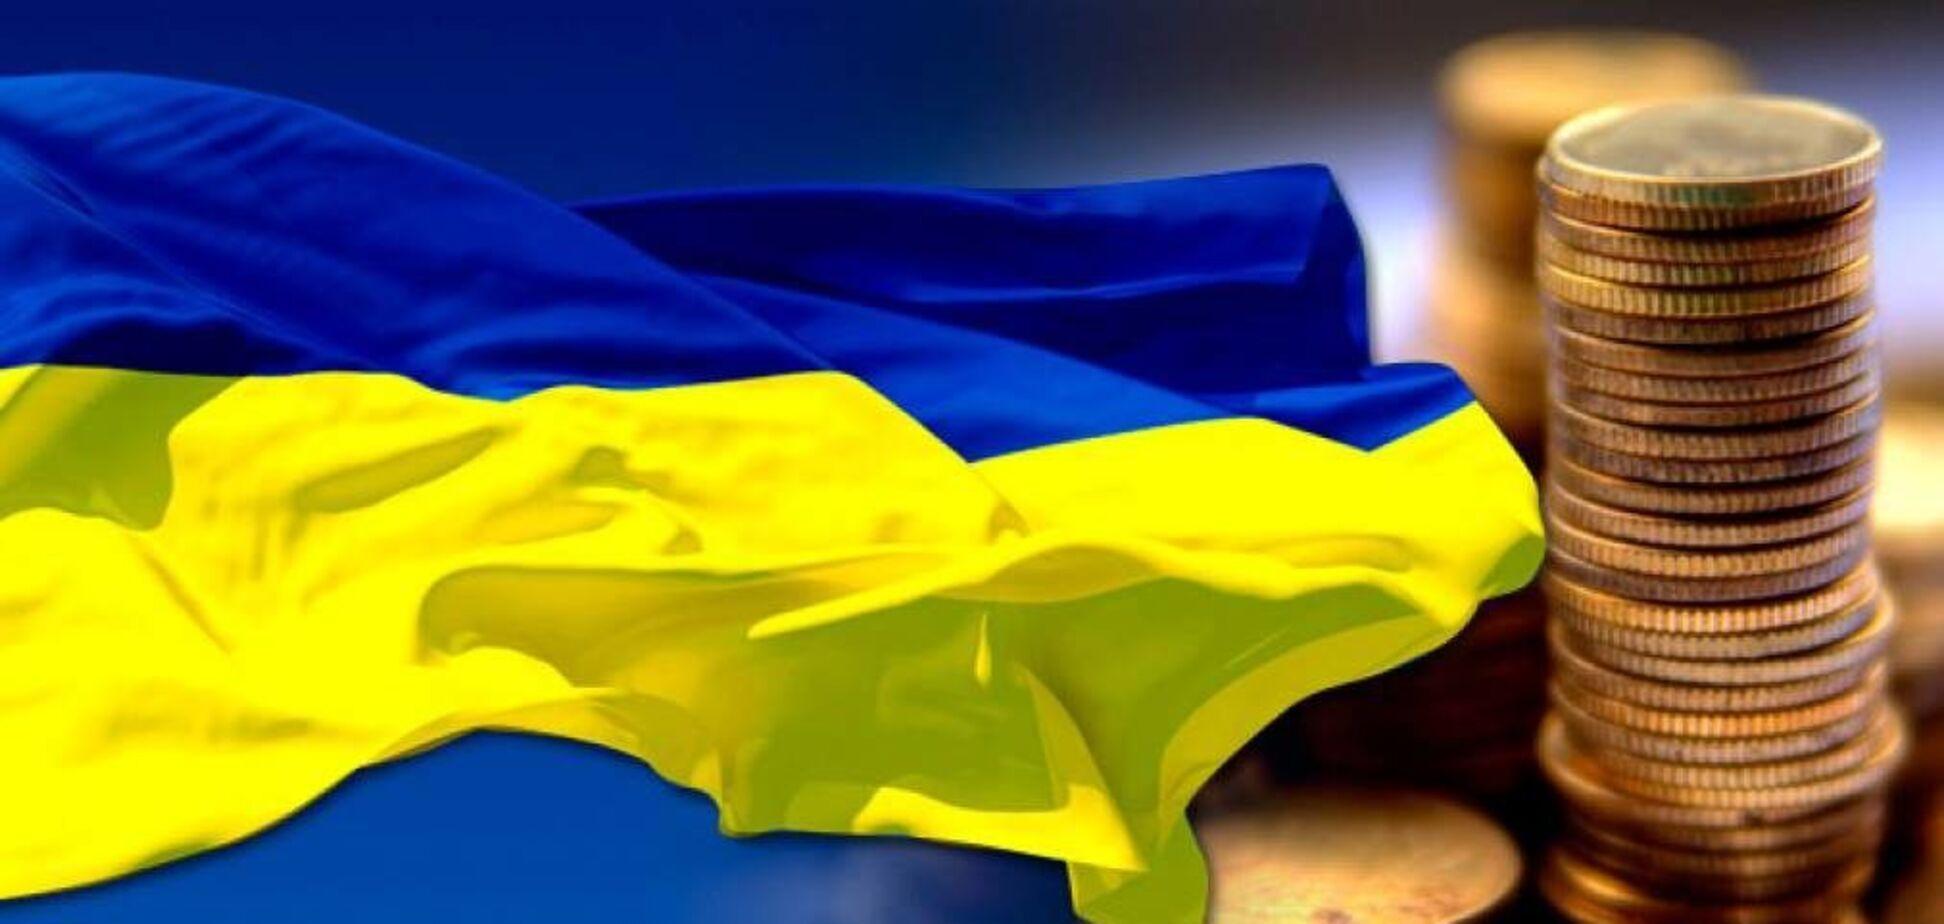 Старт великої приватизації: світ повен грошей, чому б не залучити їх в Україну?